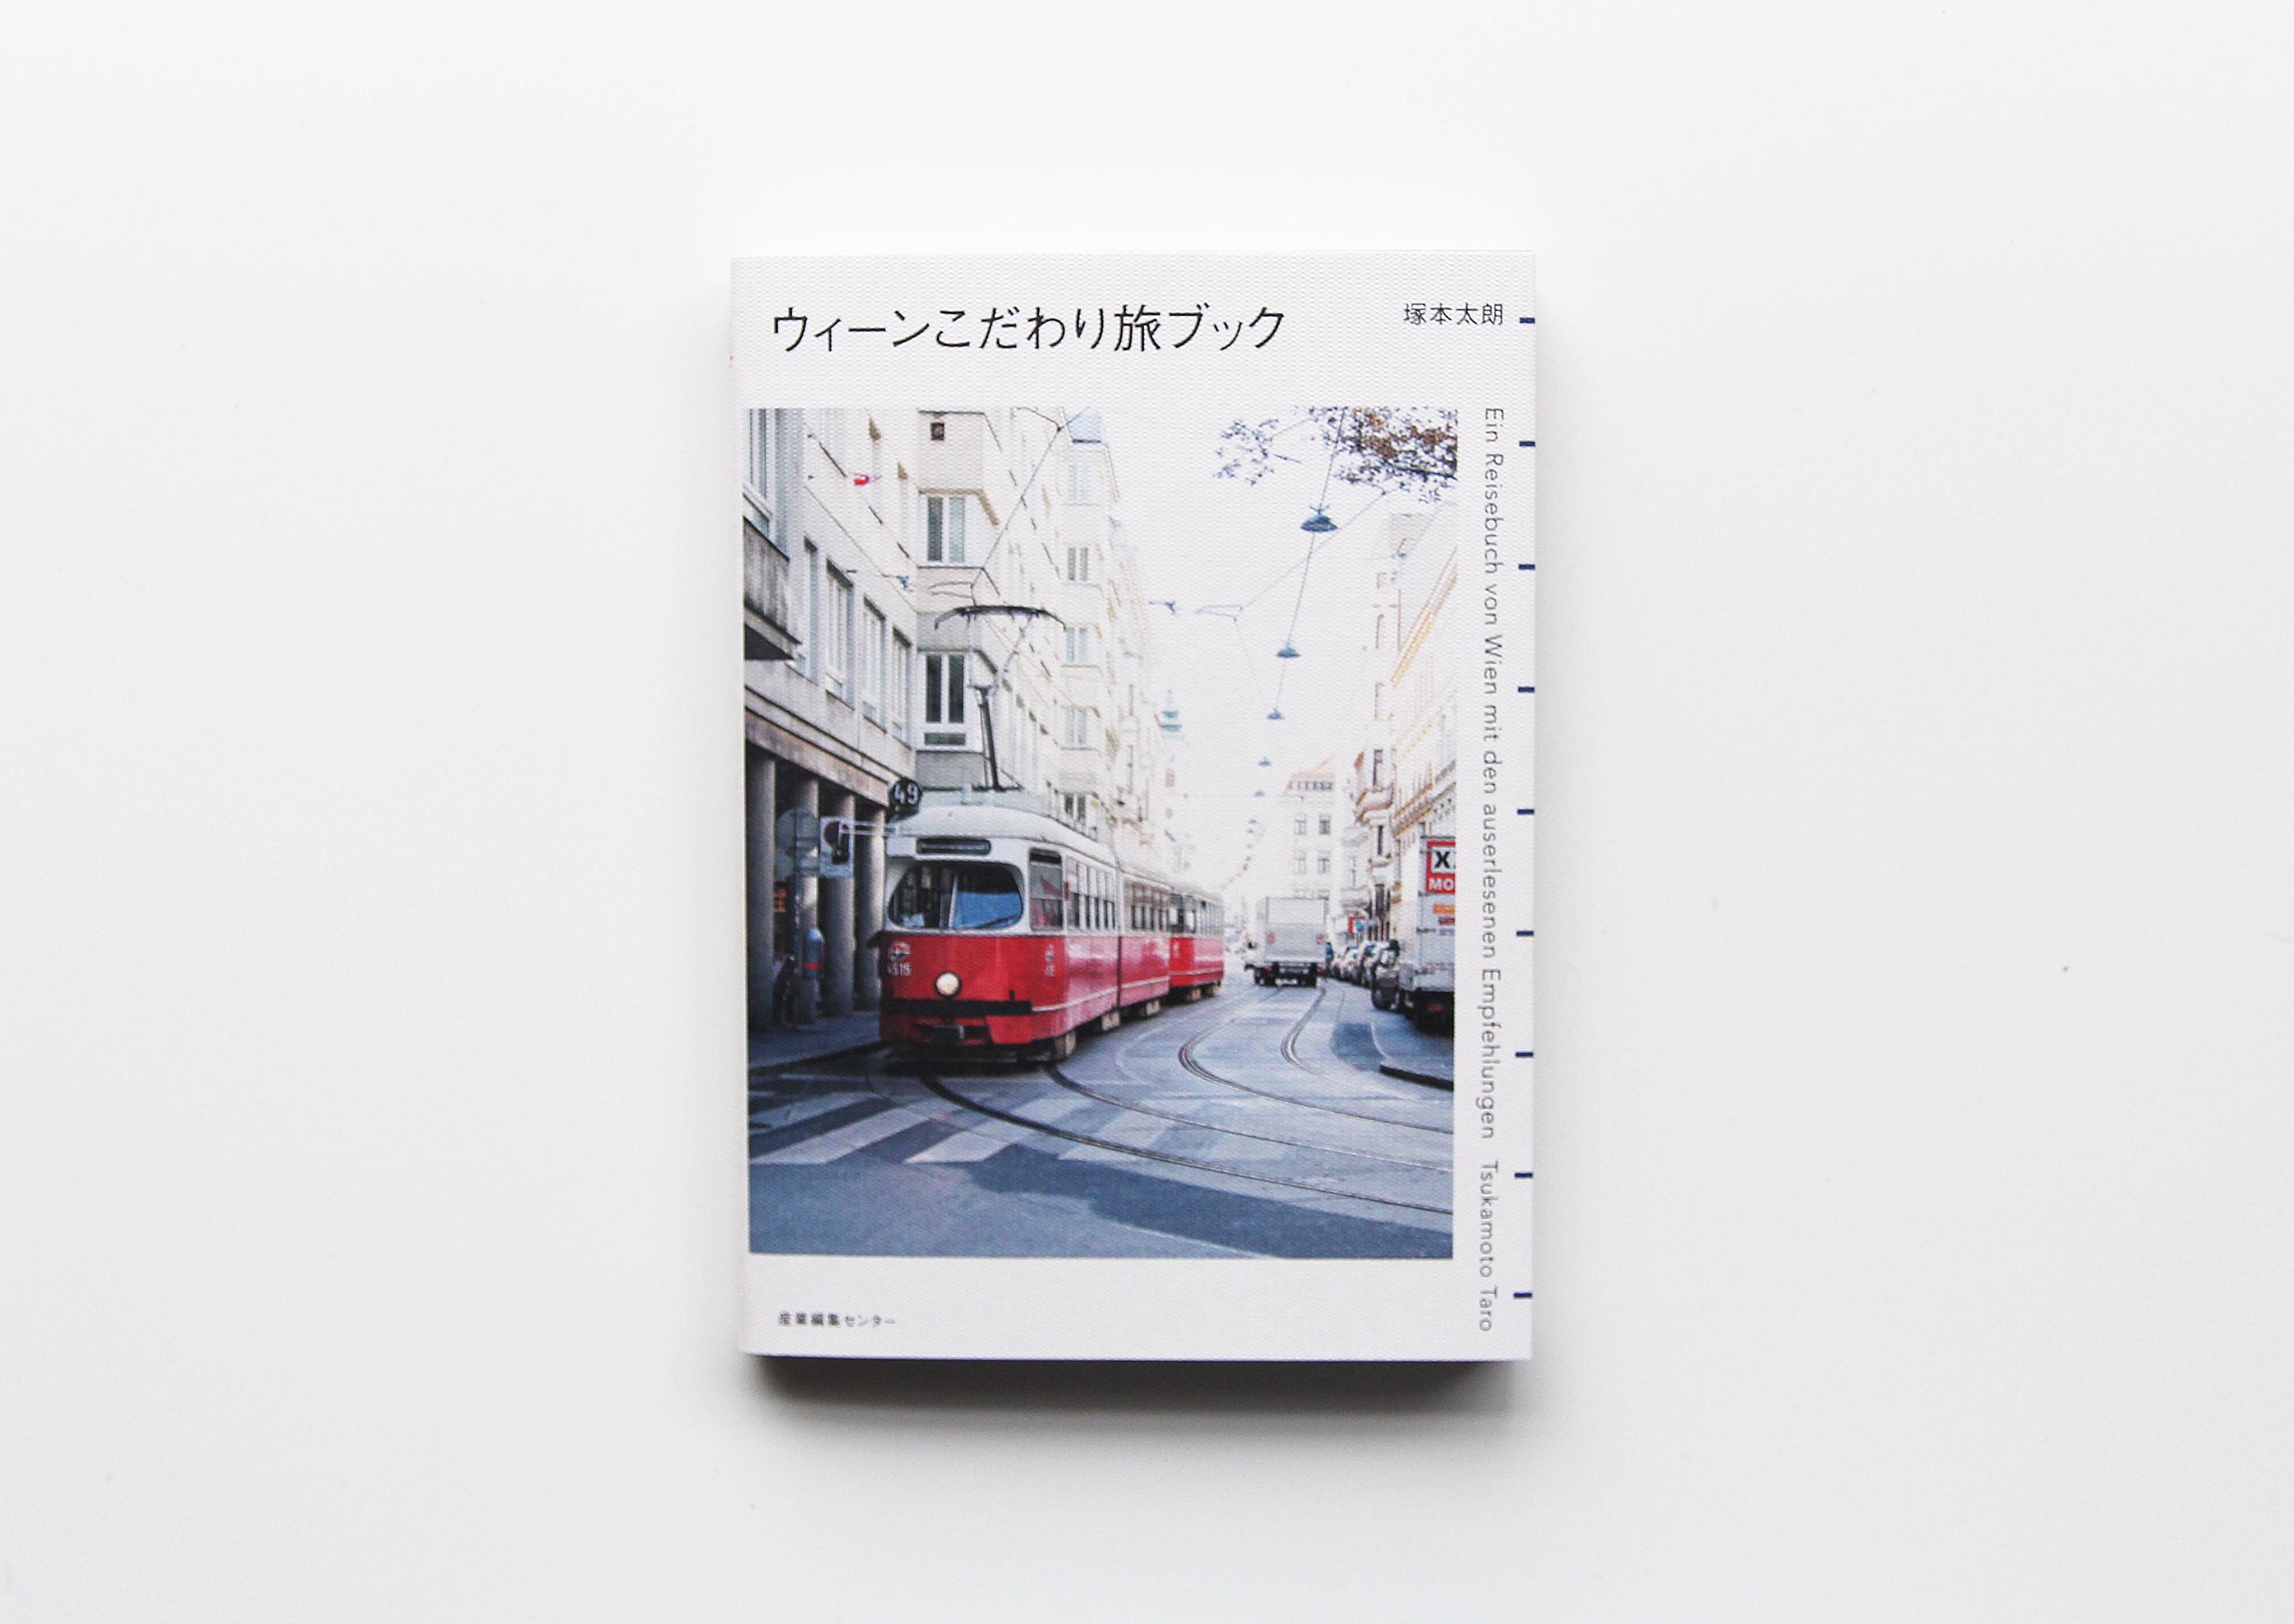 週末読みたい本『ウィーンこだわり旅ブック』